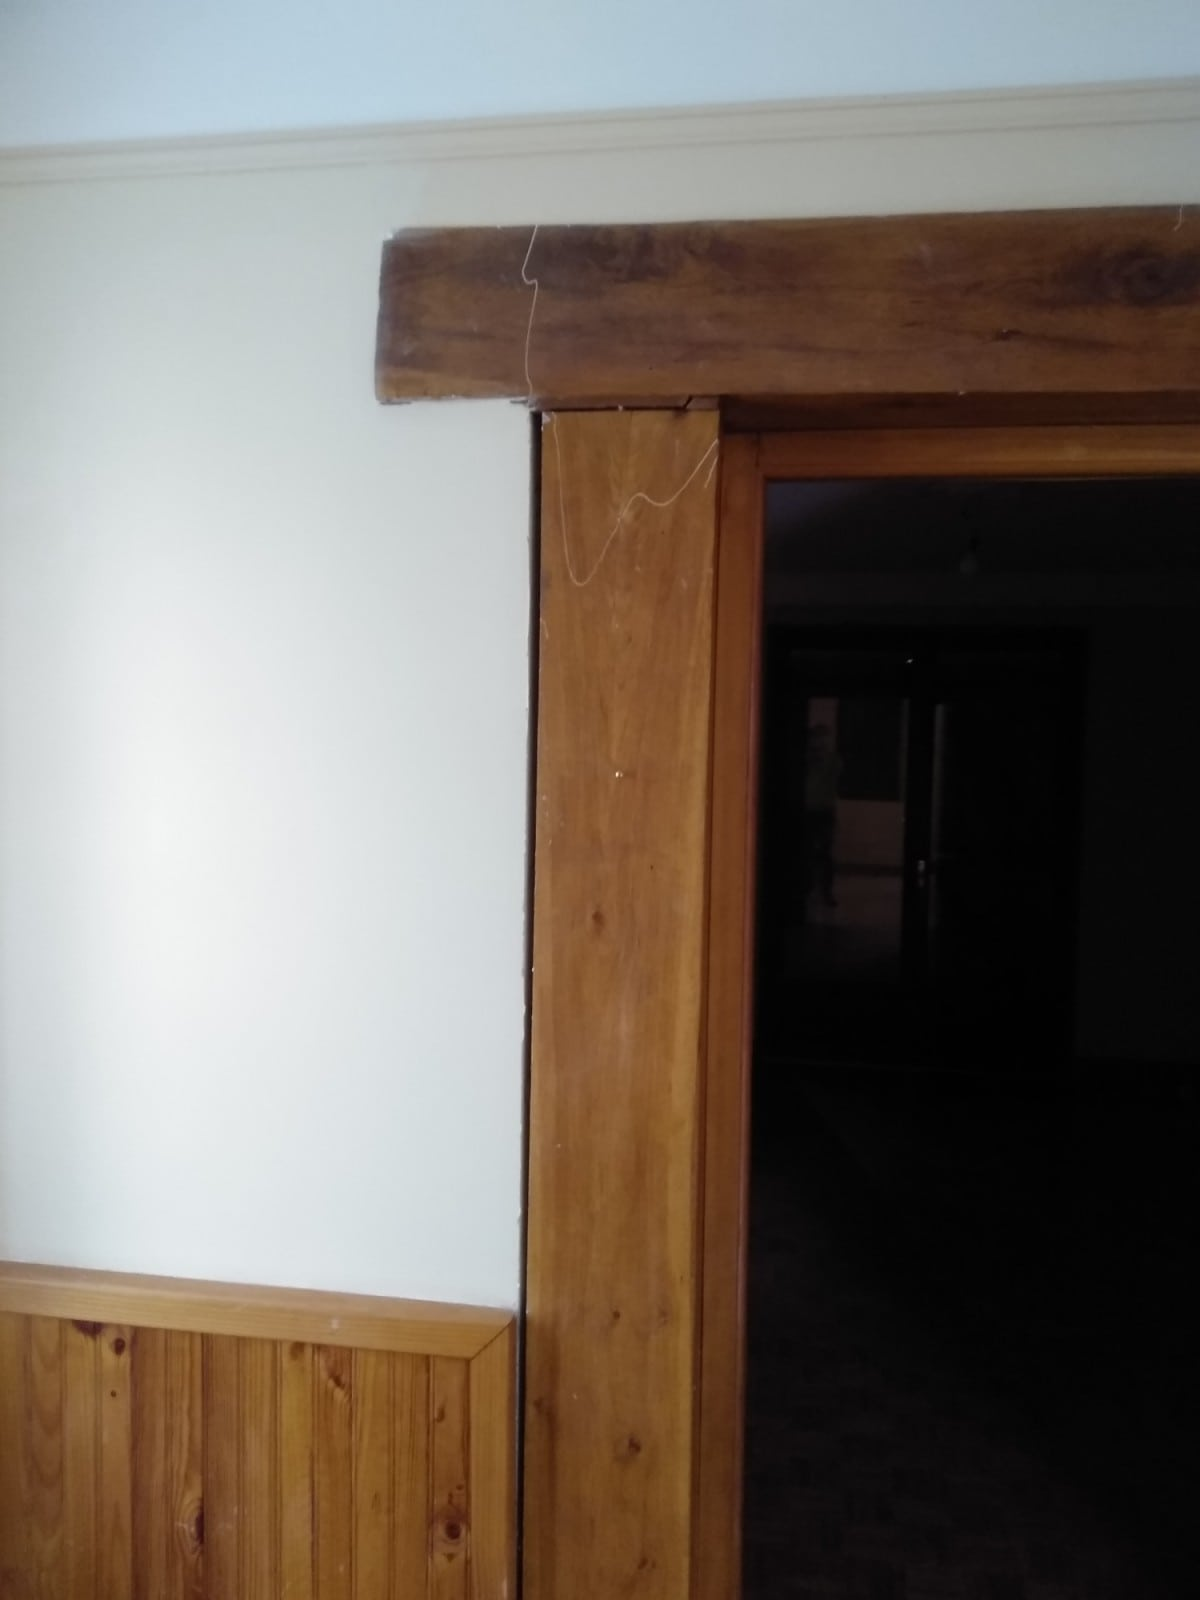 Remplacement de poteaux et poutre existante en bois, création d'une baie de passe-plat. Agrandissement d'une baie dans un mur porteur. Renforcement par structure métallique. Travaux à Pégomas. - Murs porteurs